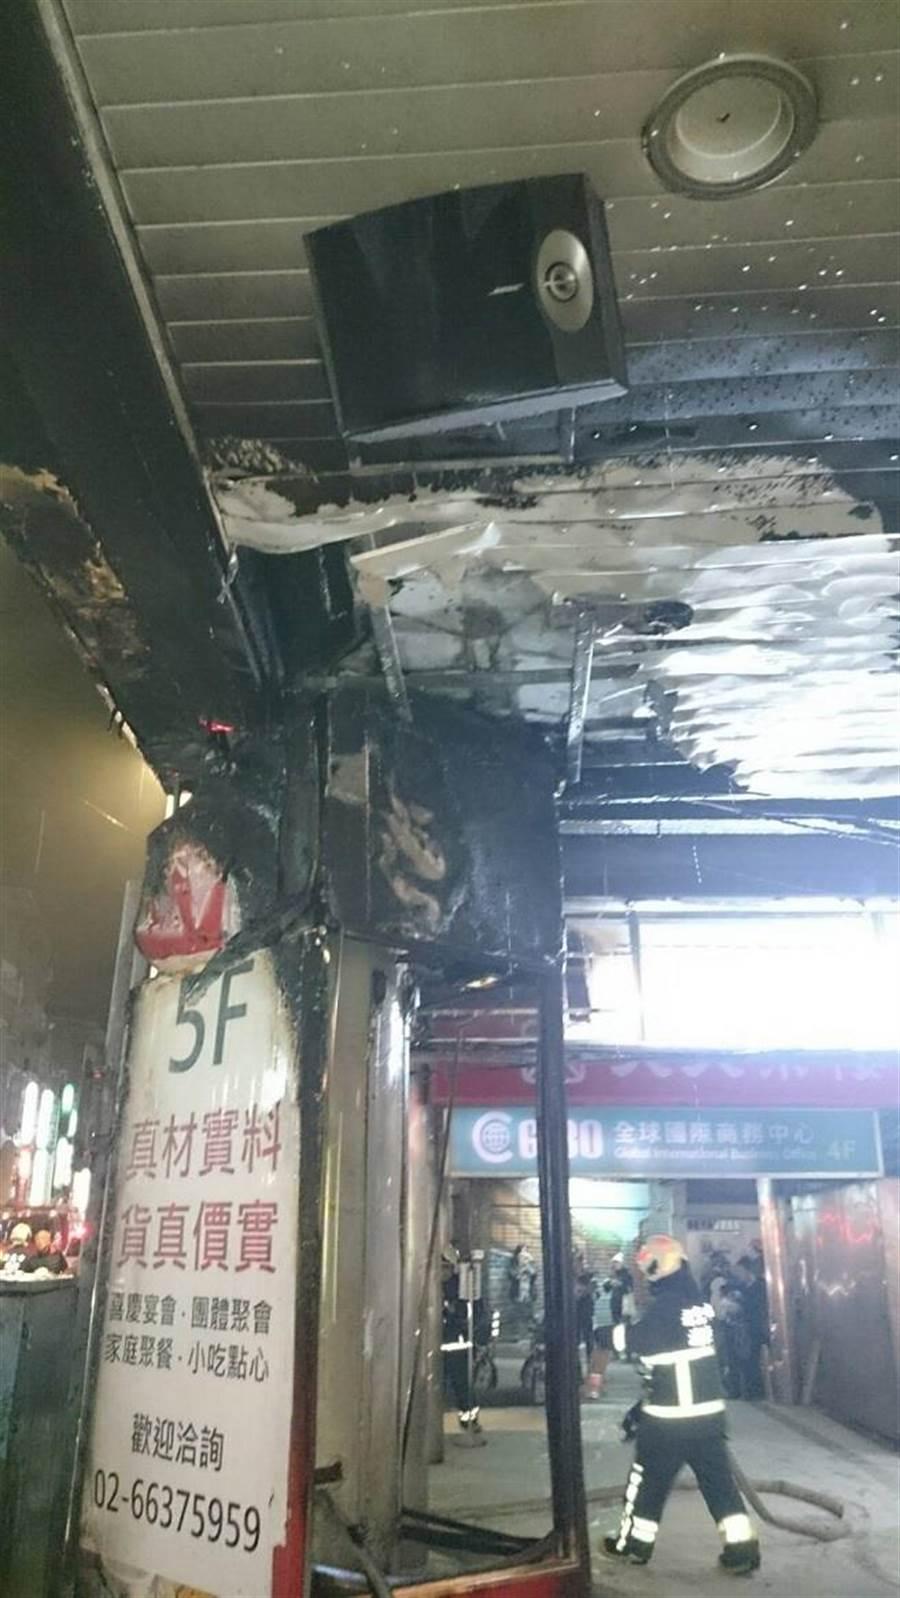 文具店門口的招牌因不明原因起火。(消防局提供)